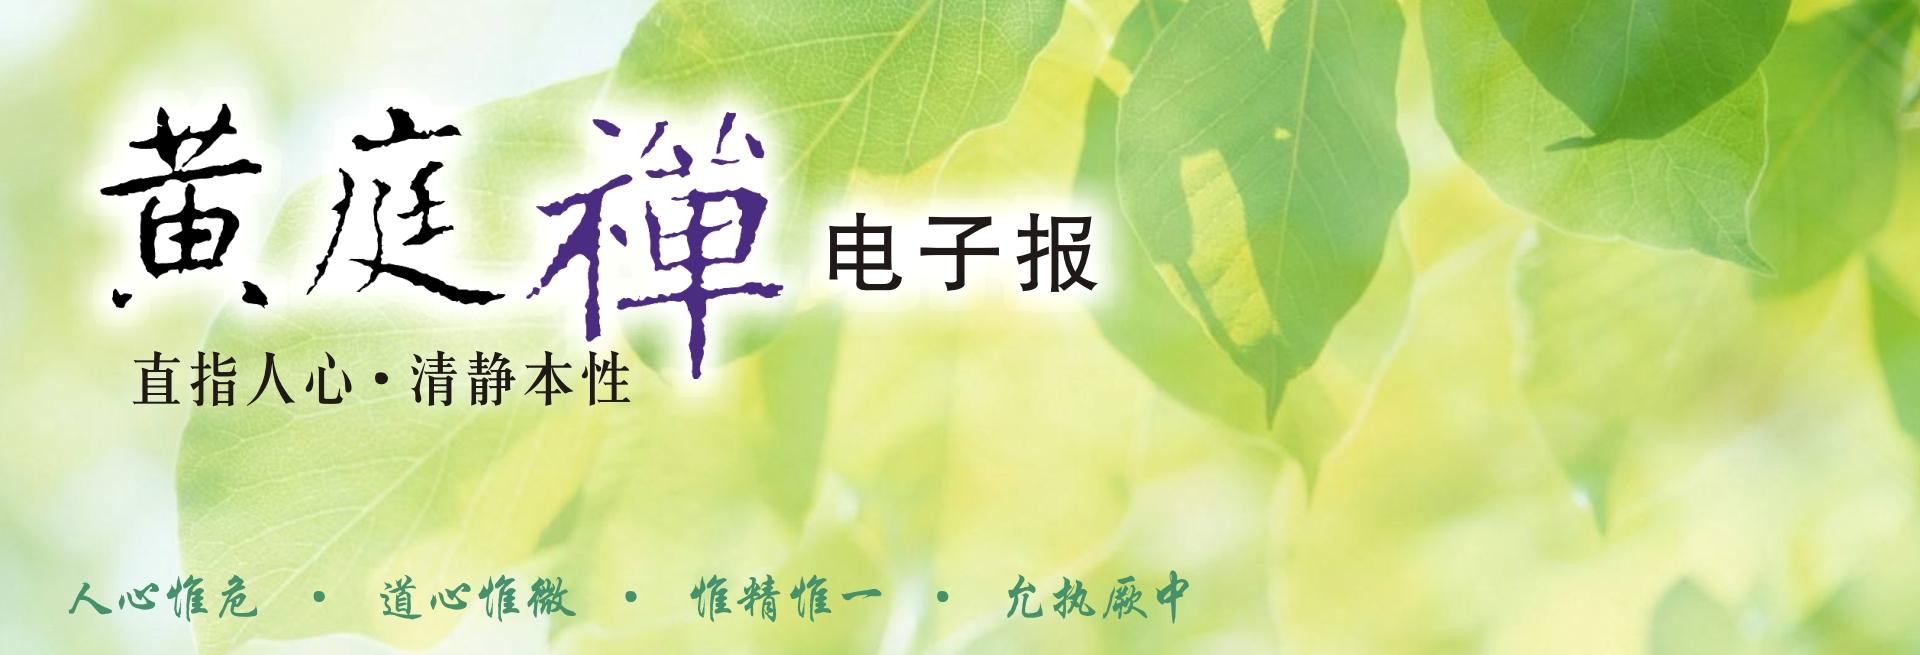 中華黃庭禪學會2019.05.11電子報